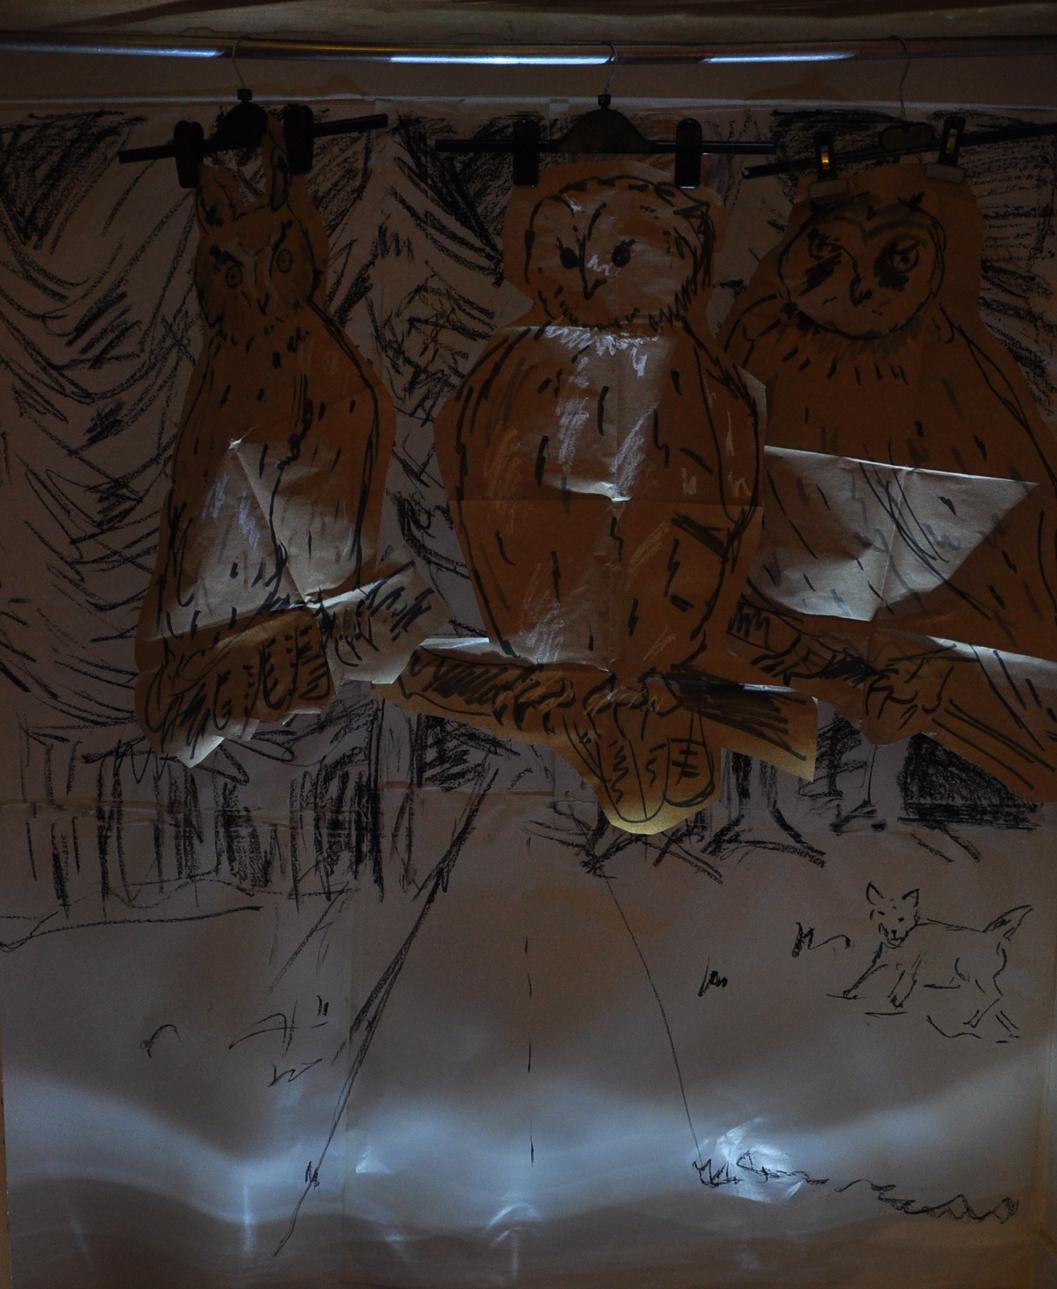 DSC_0188 three owls in dark sml.jpg